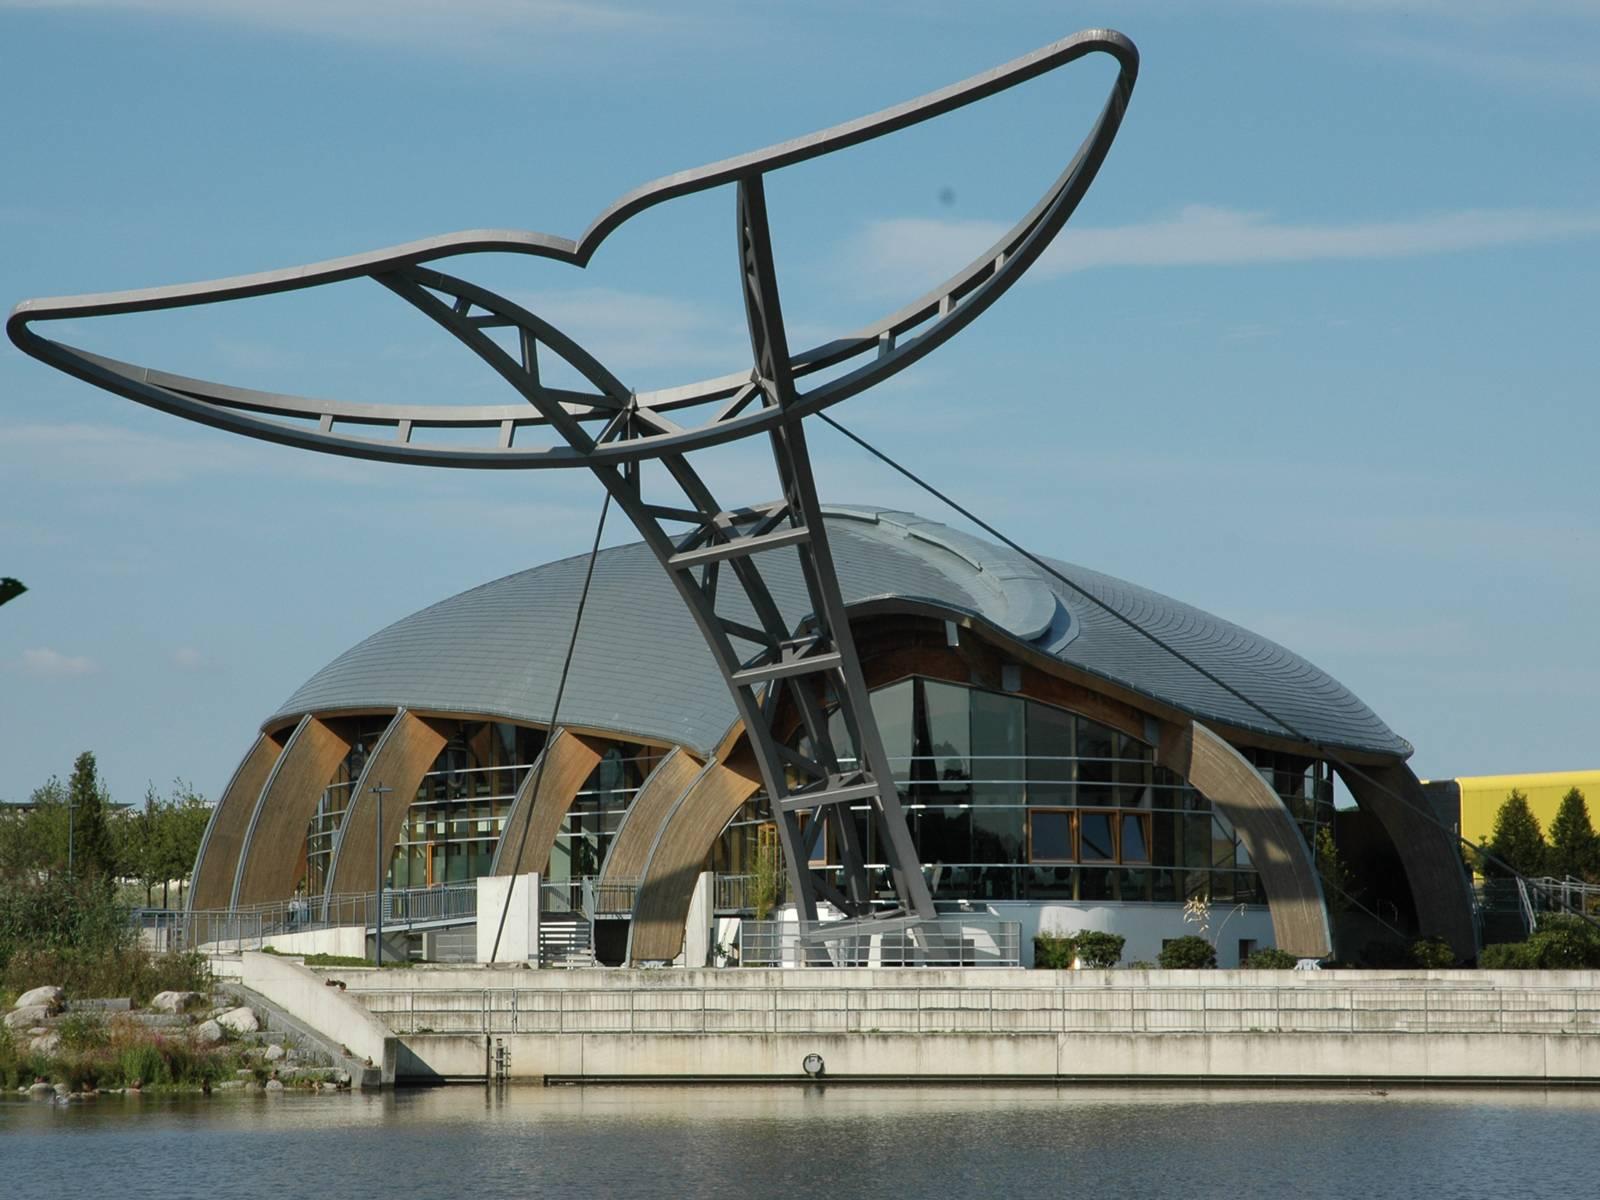 gläsernes Gebäude in Form eines Wals